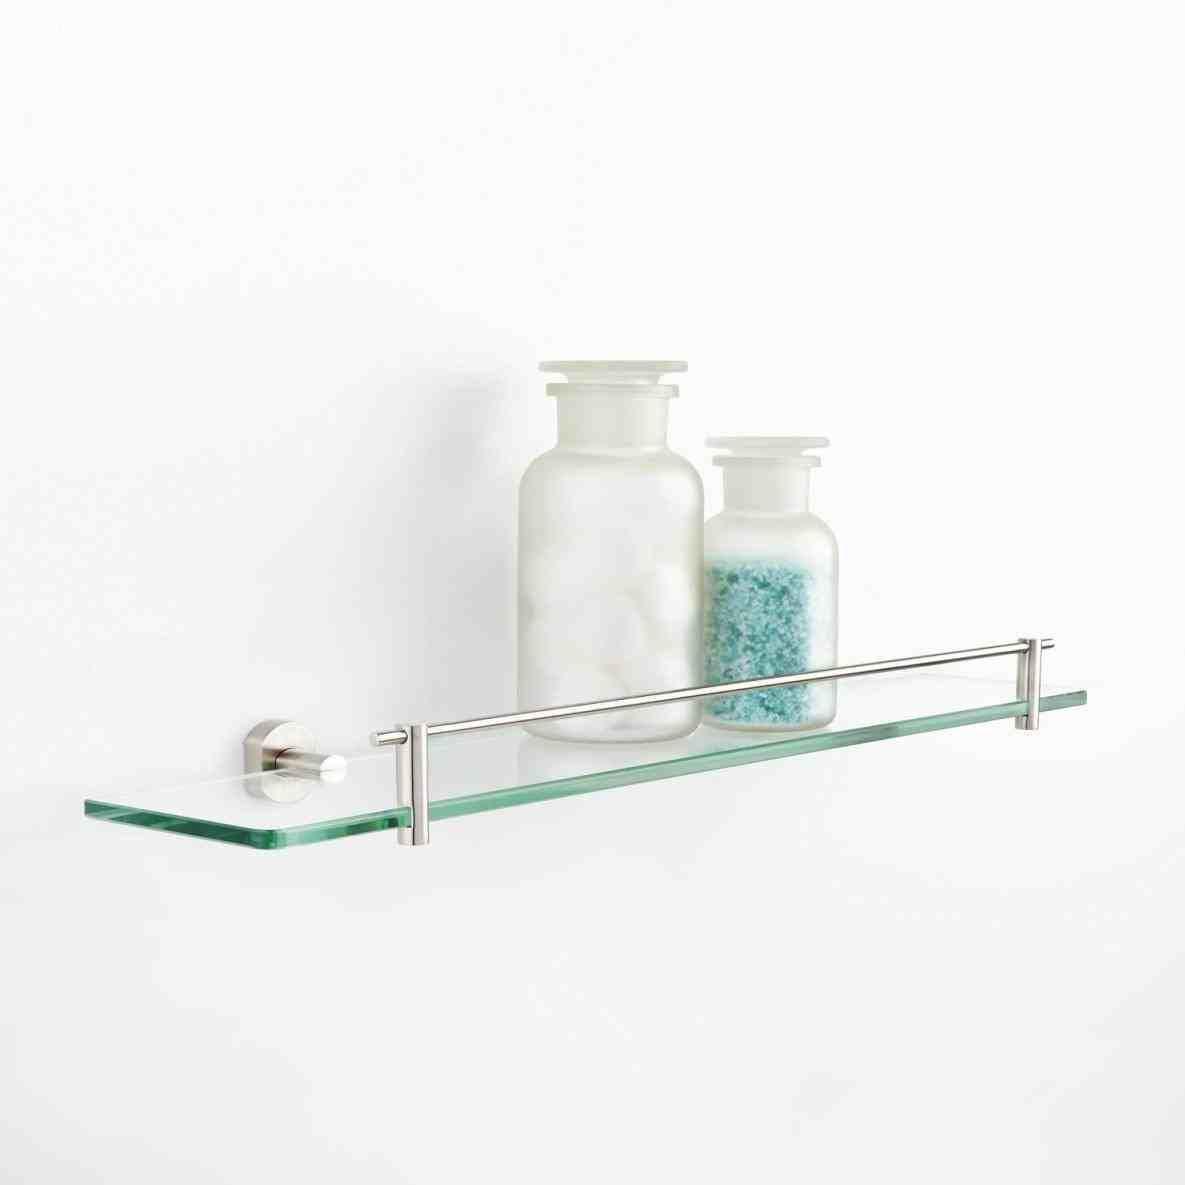 New Post glass shelves bathroom | LivingRooms | Pinterest | Glass ...